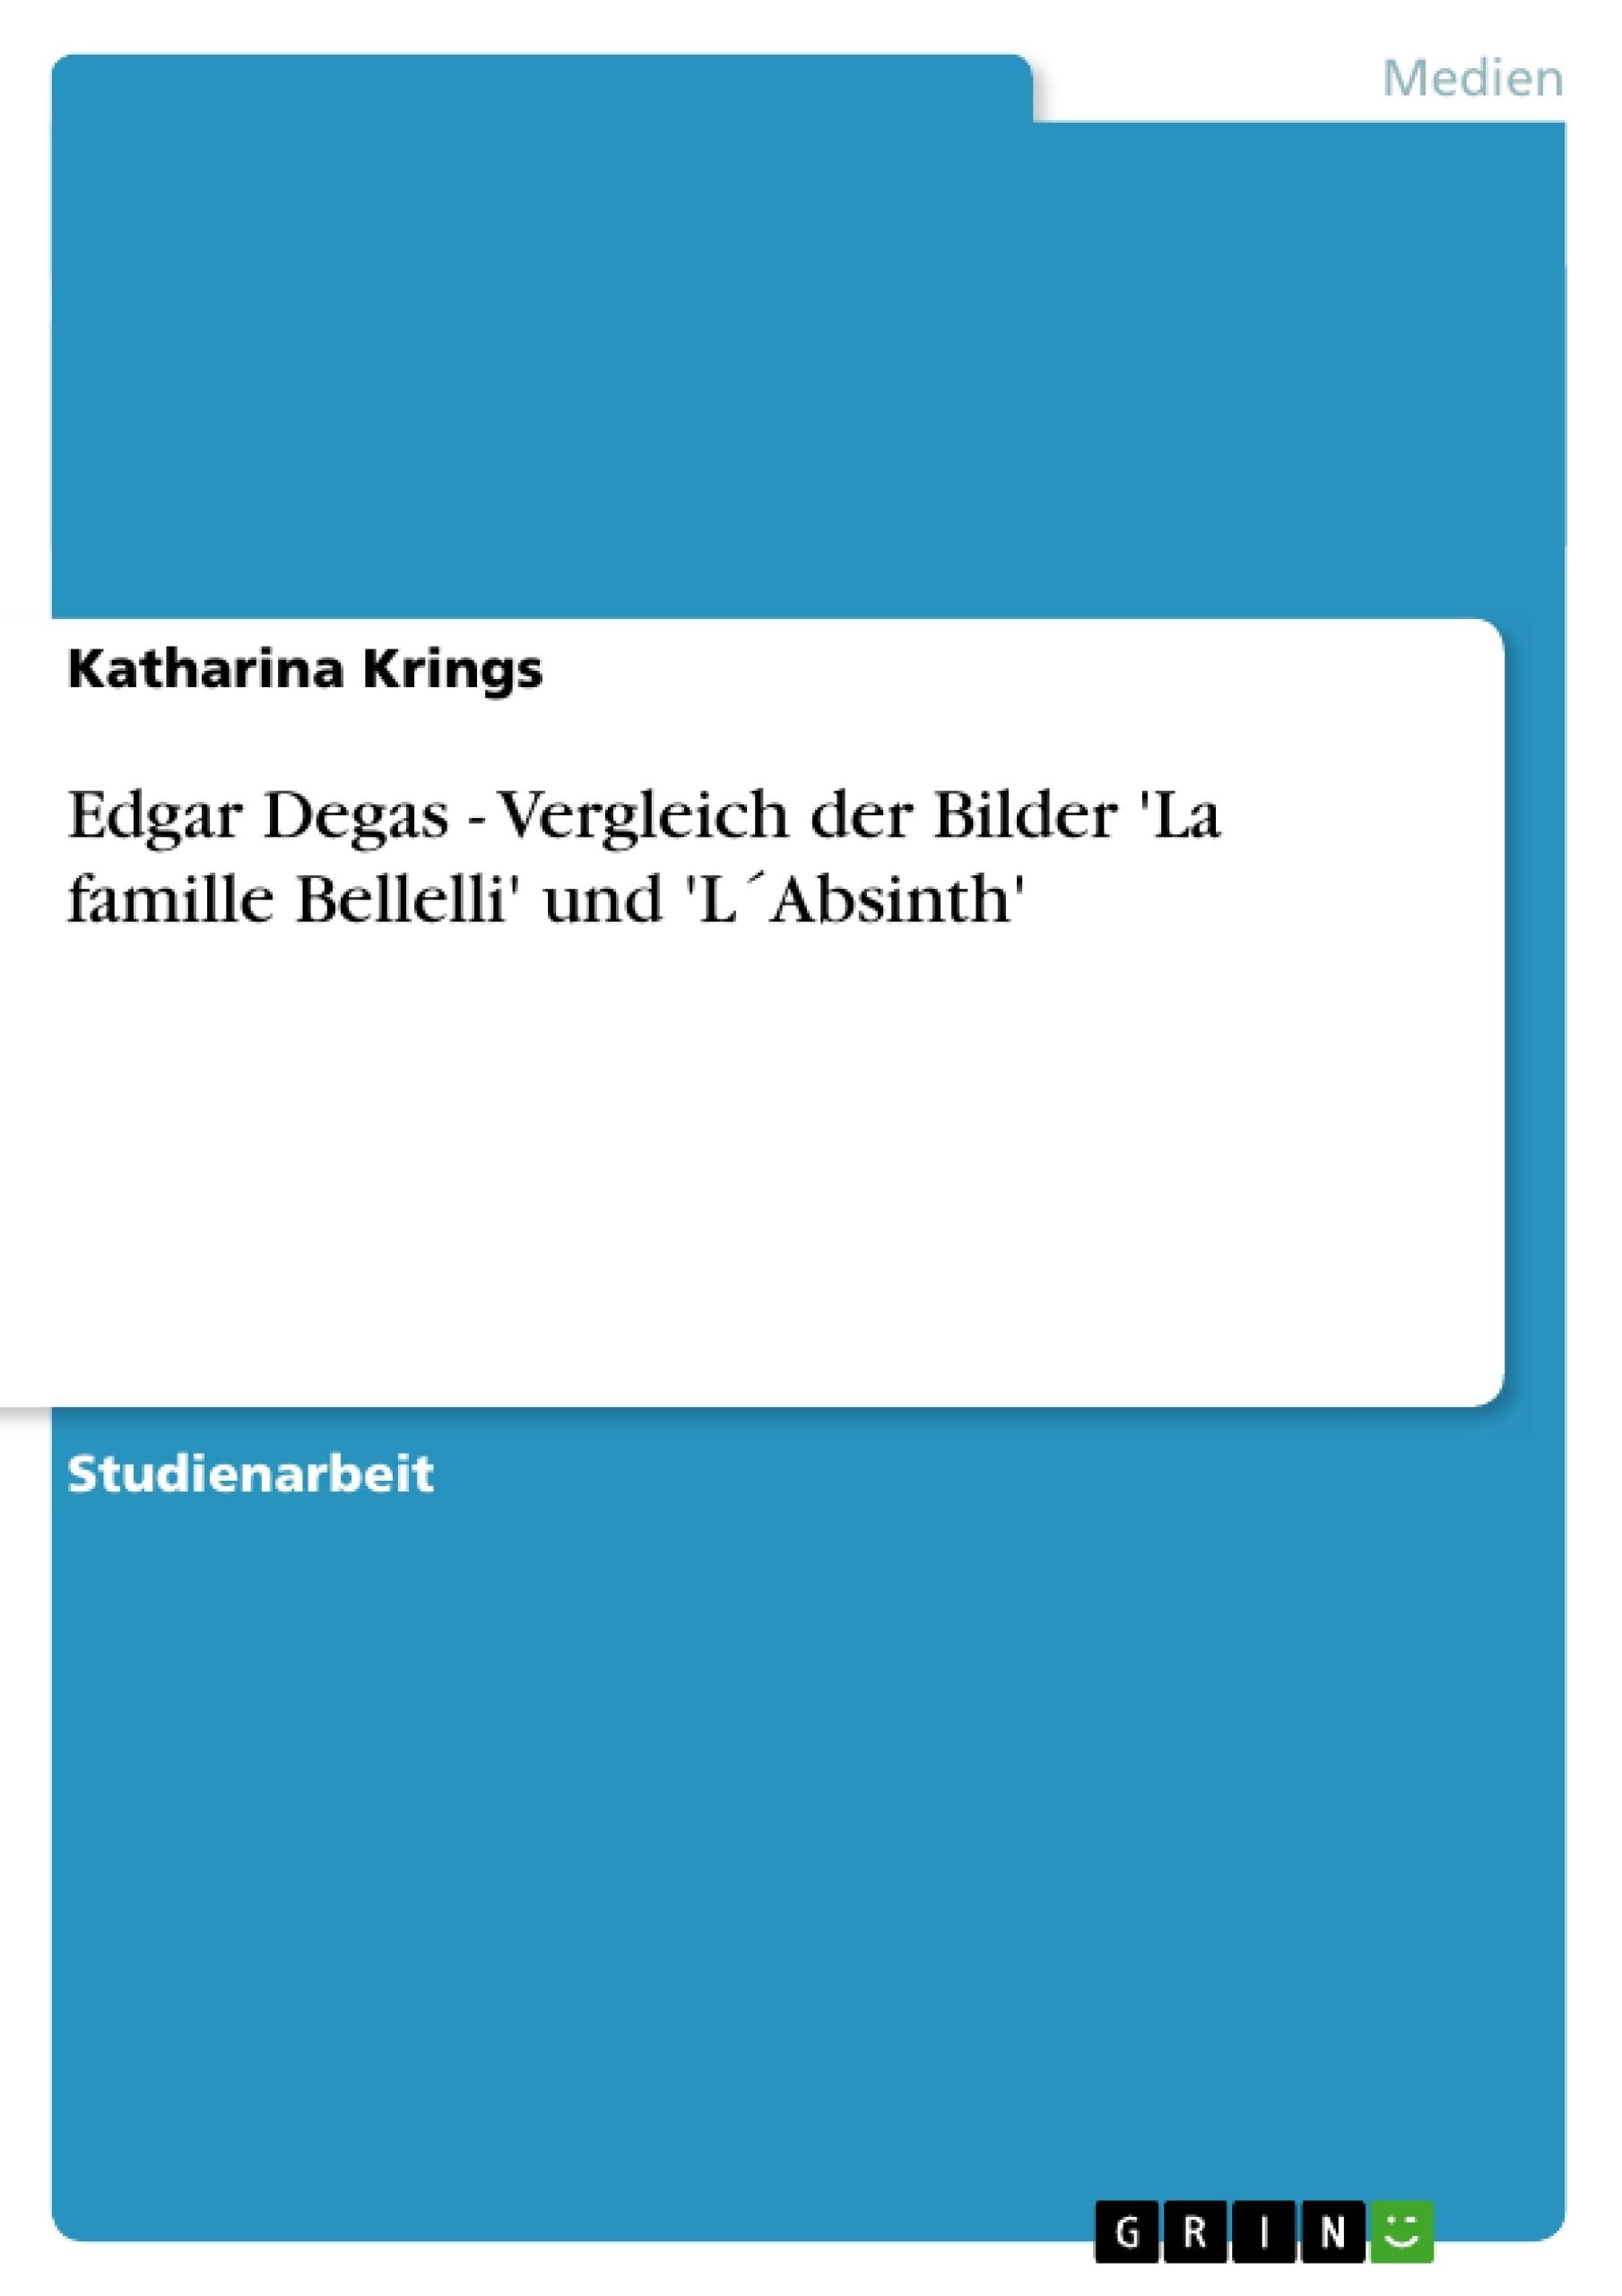 Titel: Edgar Degas - Vergleich der Bilder 'La famille Bellelli' und 'L´Absinth'